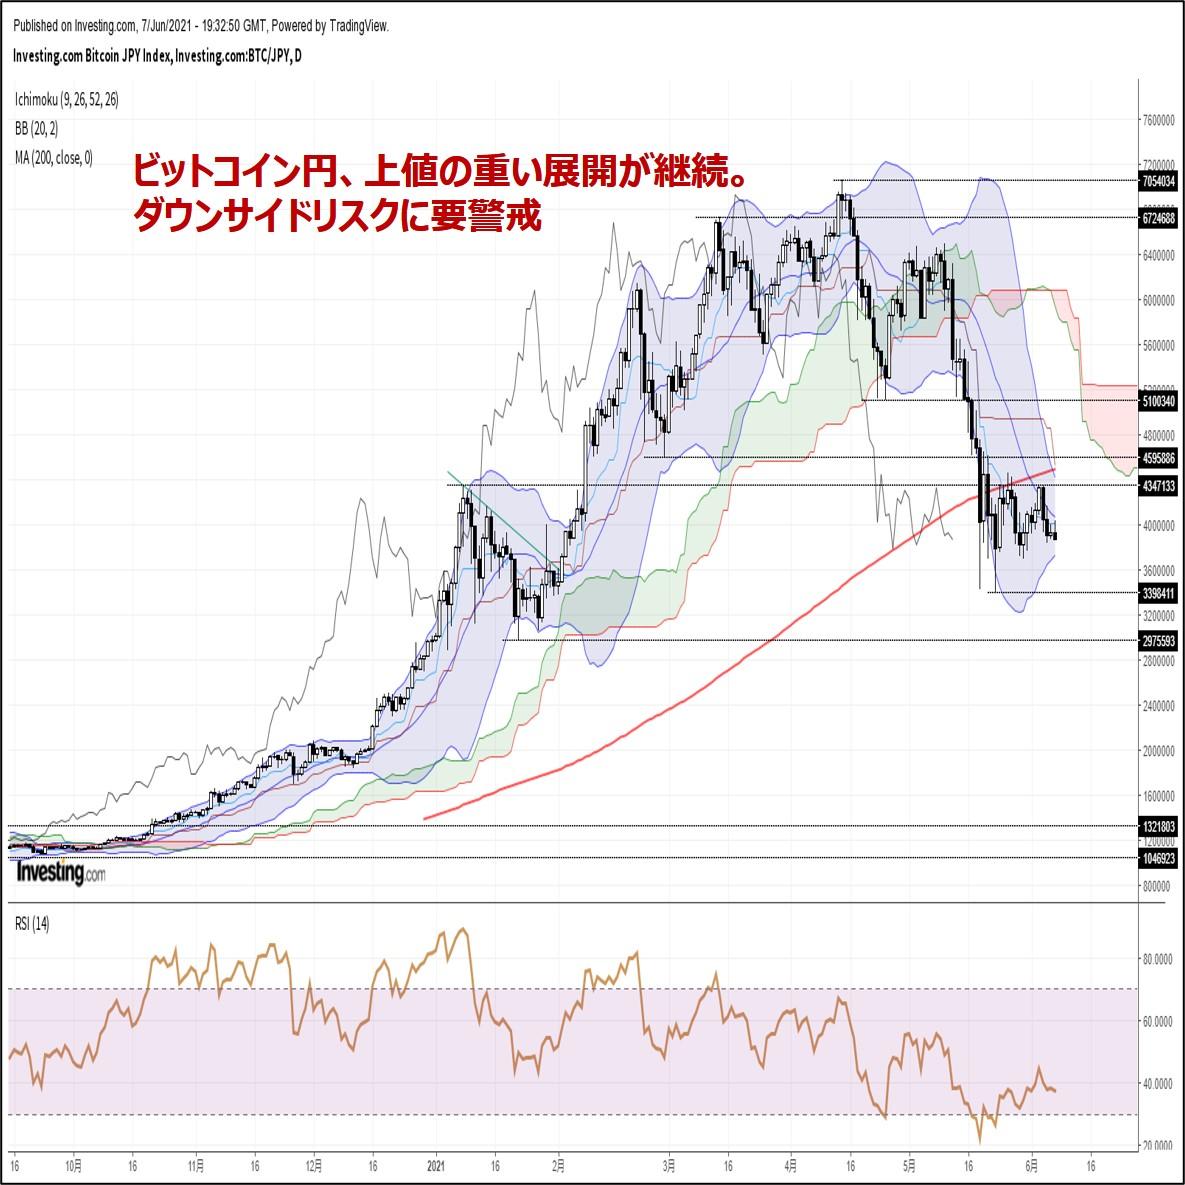 ビットコイン円、上値の重い展開が継続。ダウンサイドリスクに要警戒(6/8朝)